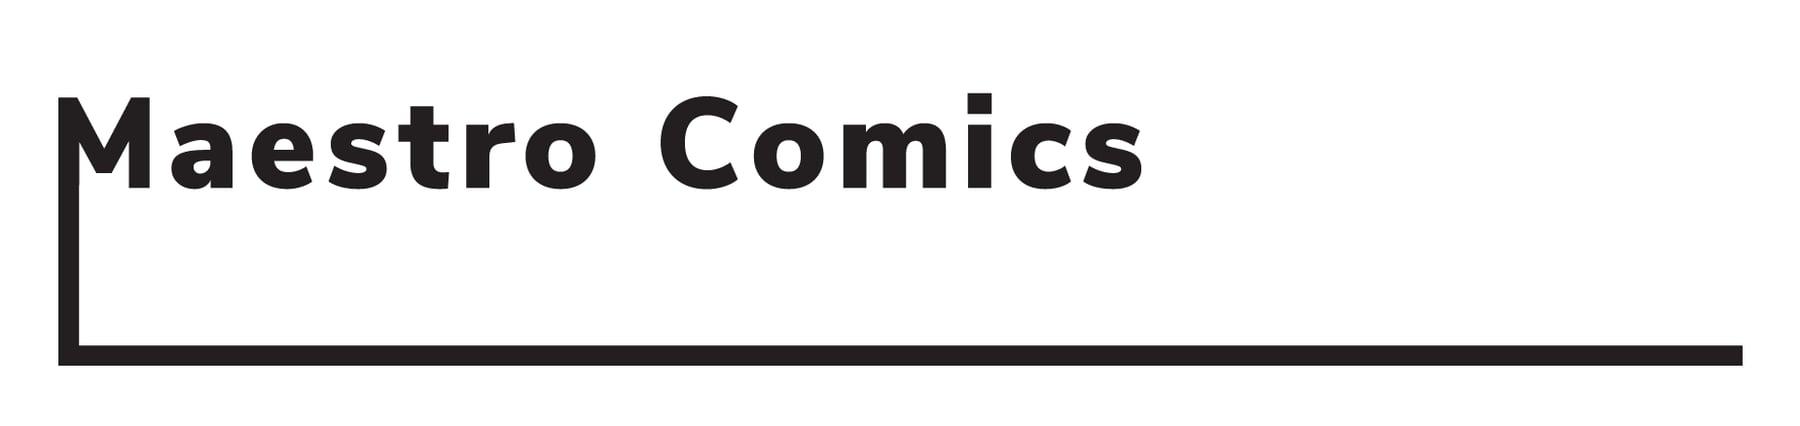 Maestro Comics